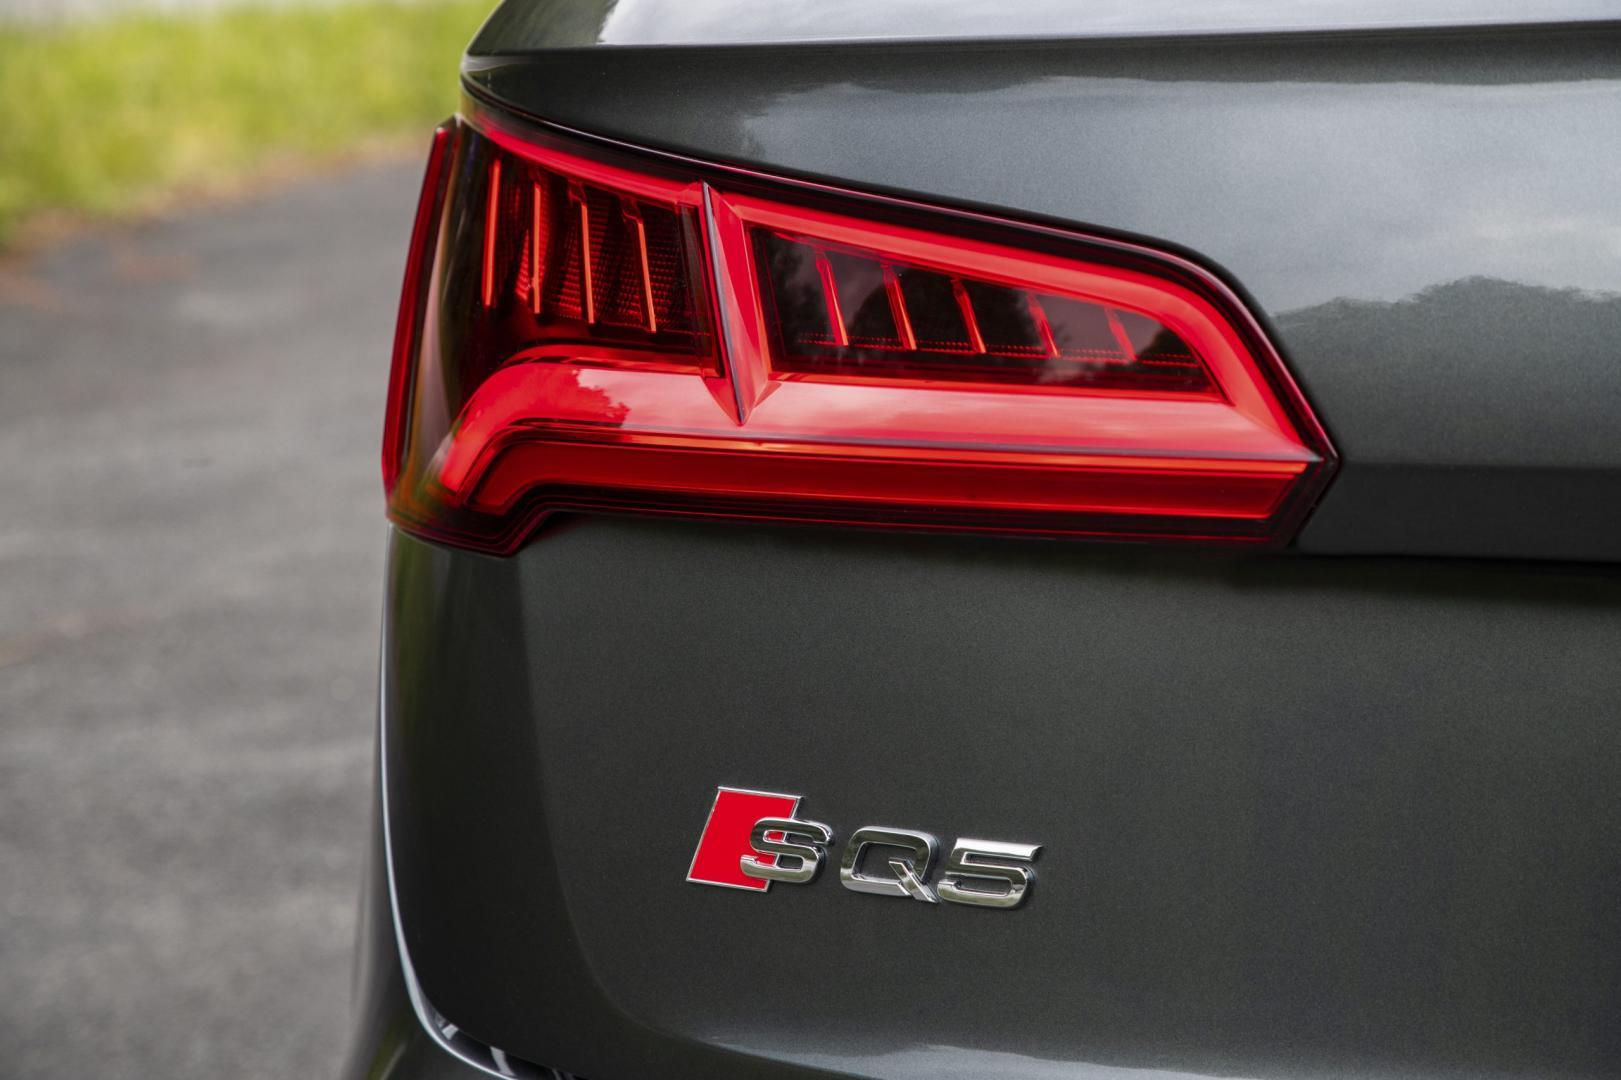 Audi SQ5 TDI quattro test 2019